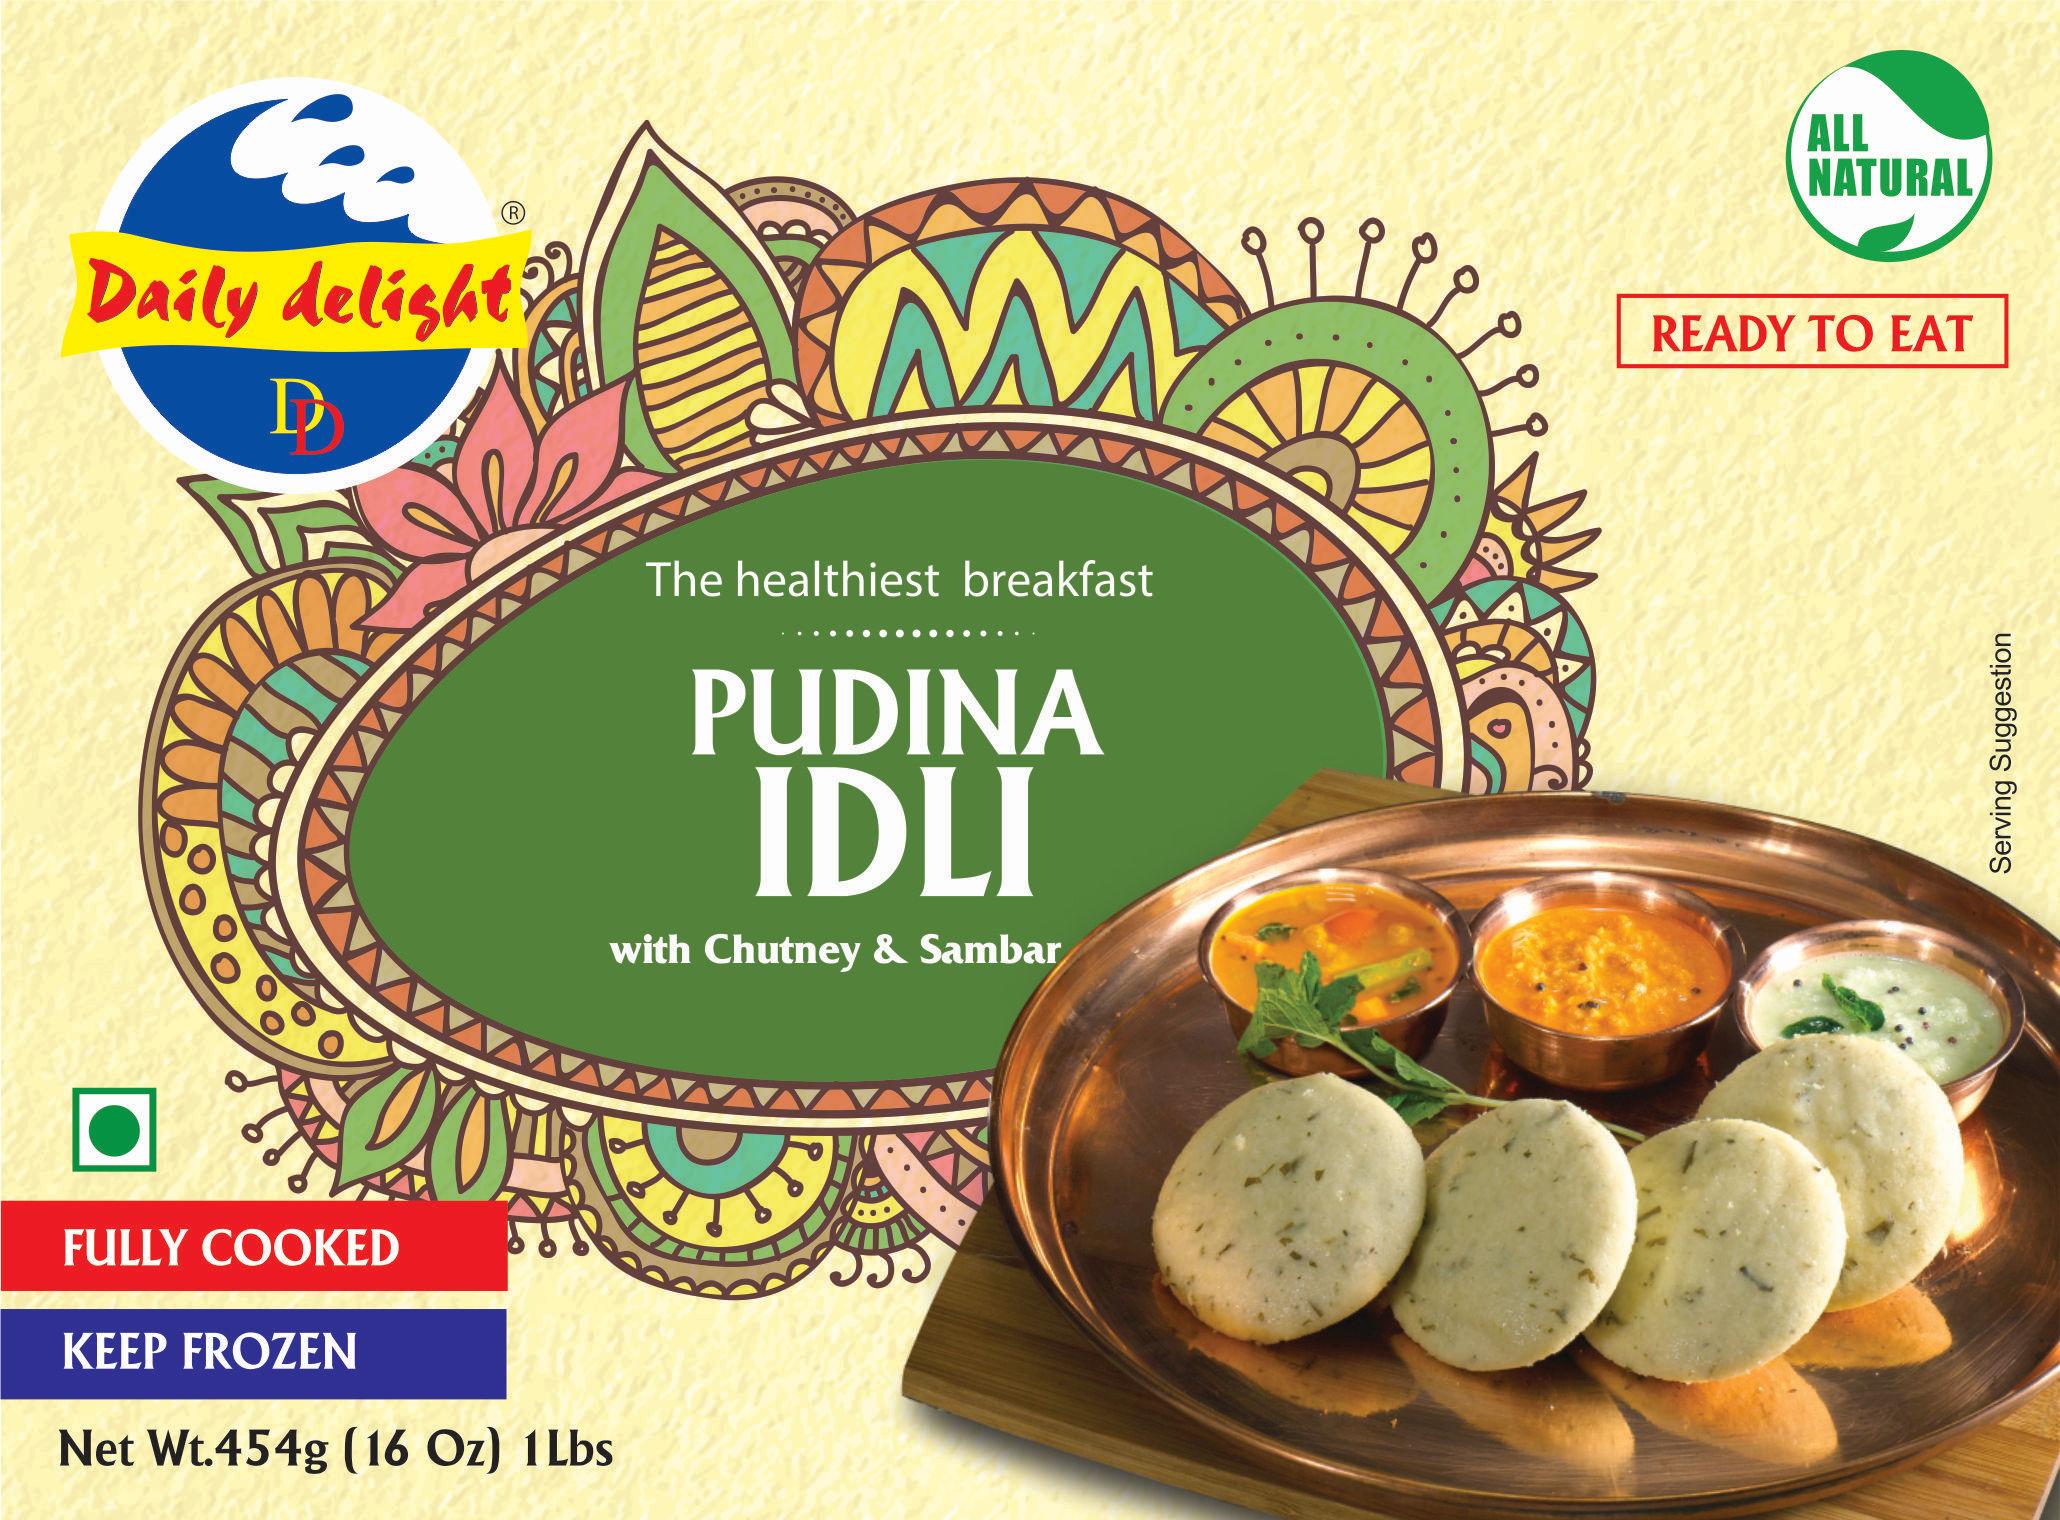 Daily Delight Pudina Idli